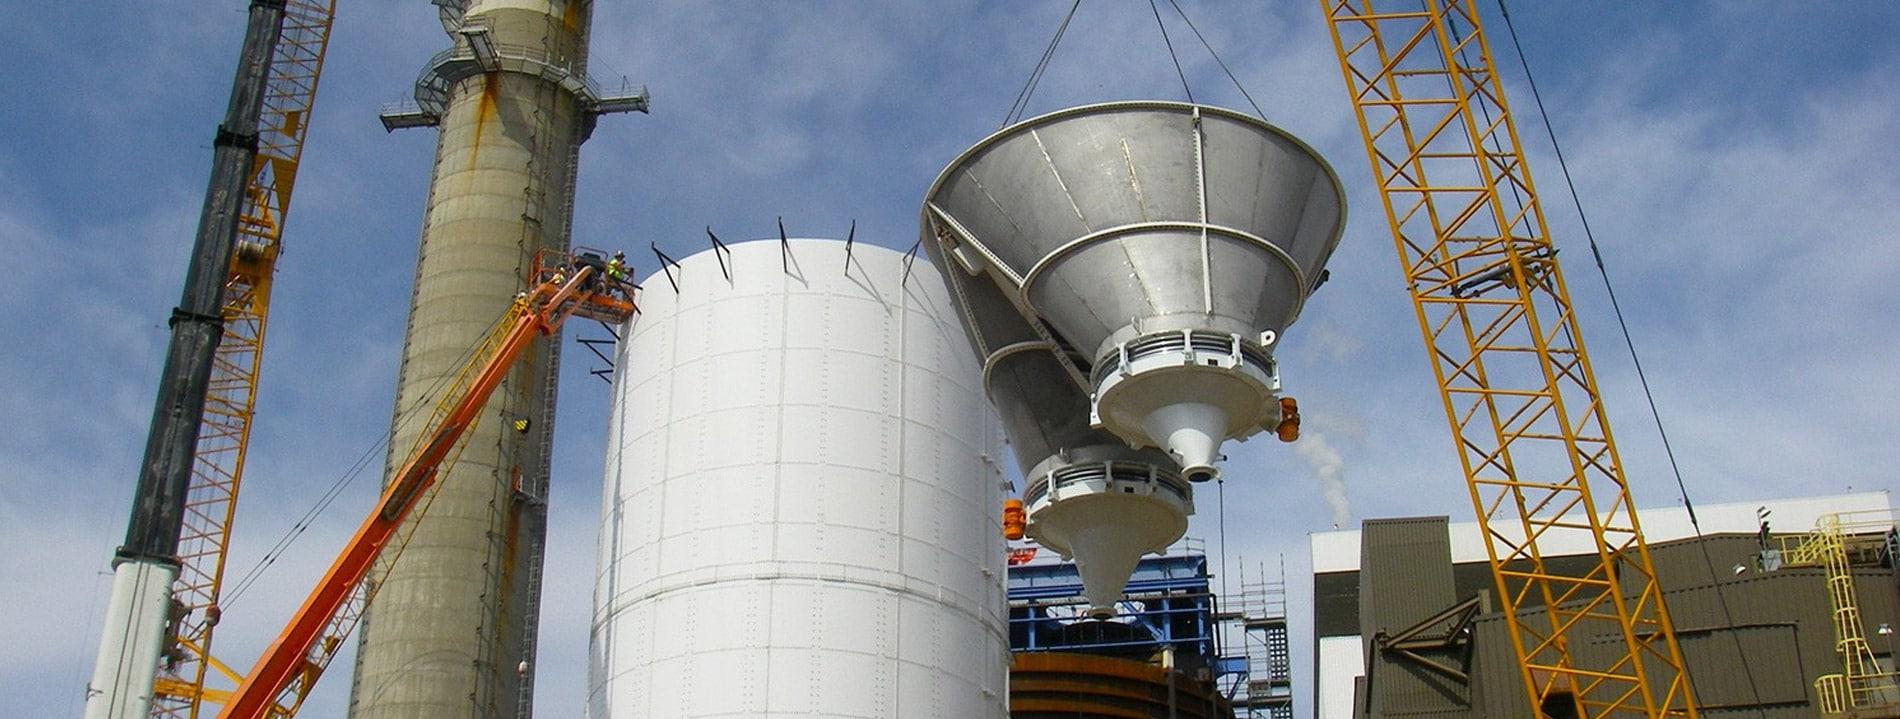 African tanks water storage tanks steel